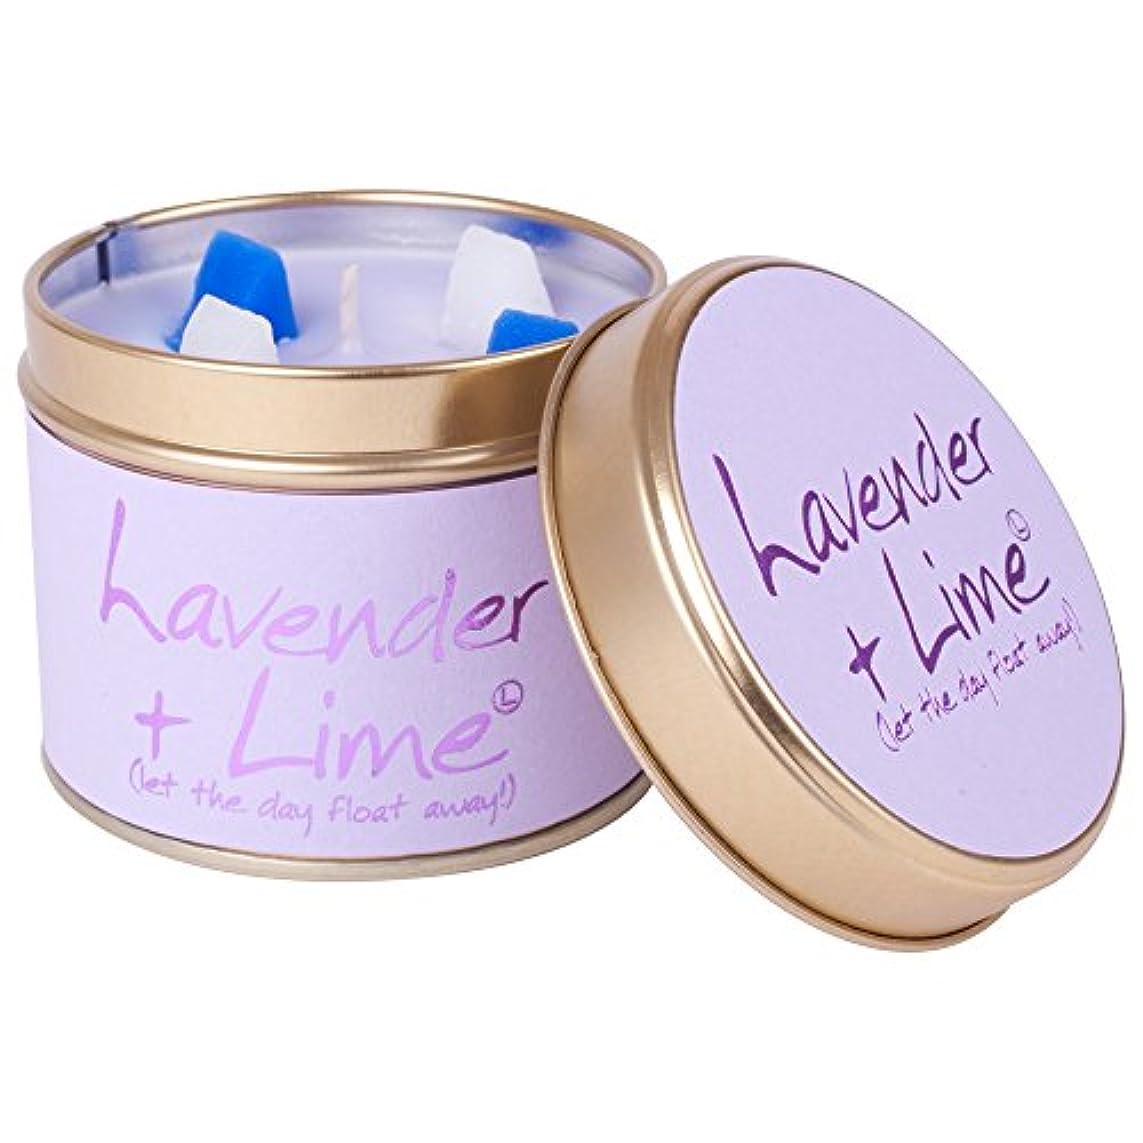 余暇ラッチルーフLily-Flame Lavender and Lime Scented Candle Tin (Pack of 2) - ユリ炎ラベンダー、ライムの香りのキャンドルスズ (Lily-Flame) (x2) [並行輸入品]